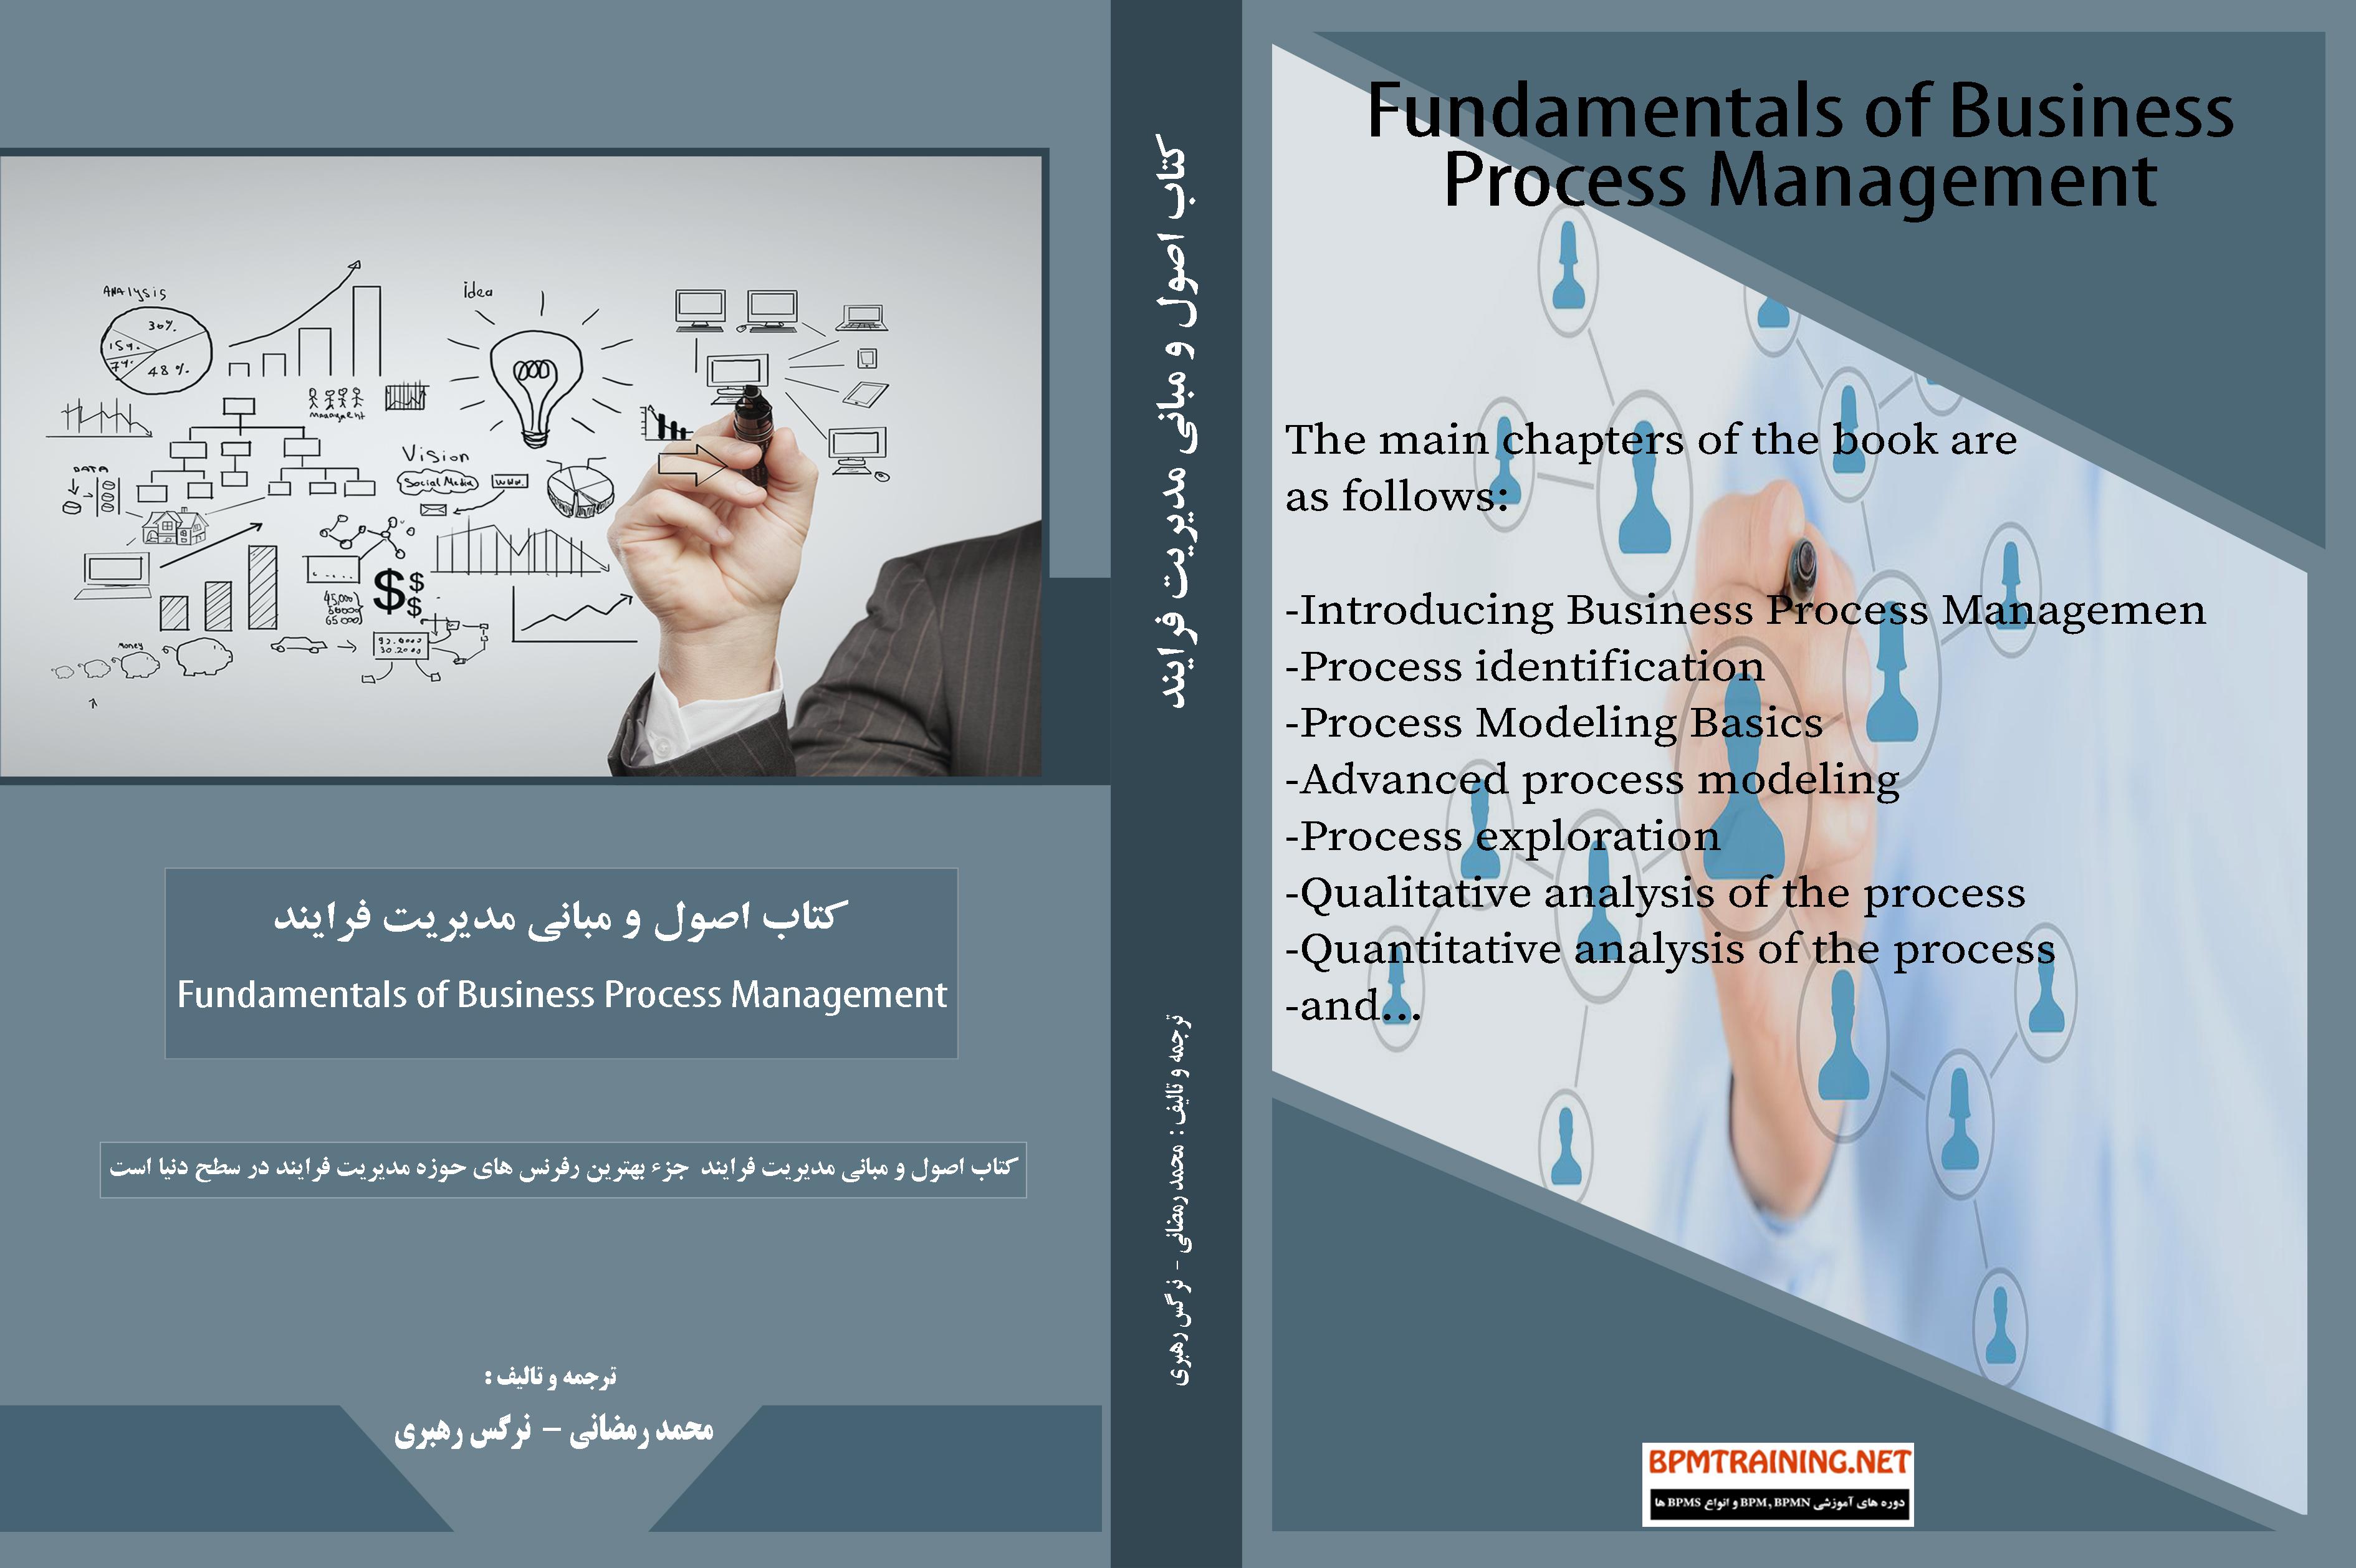 کتاب اصول و مبانی مدیریت فرایند